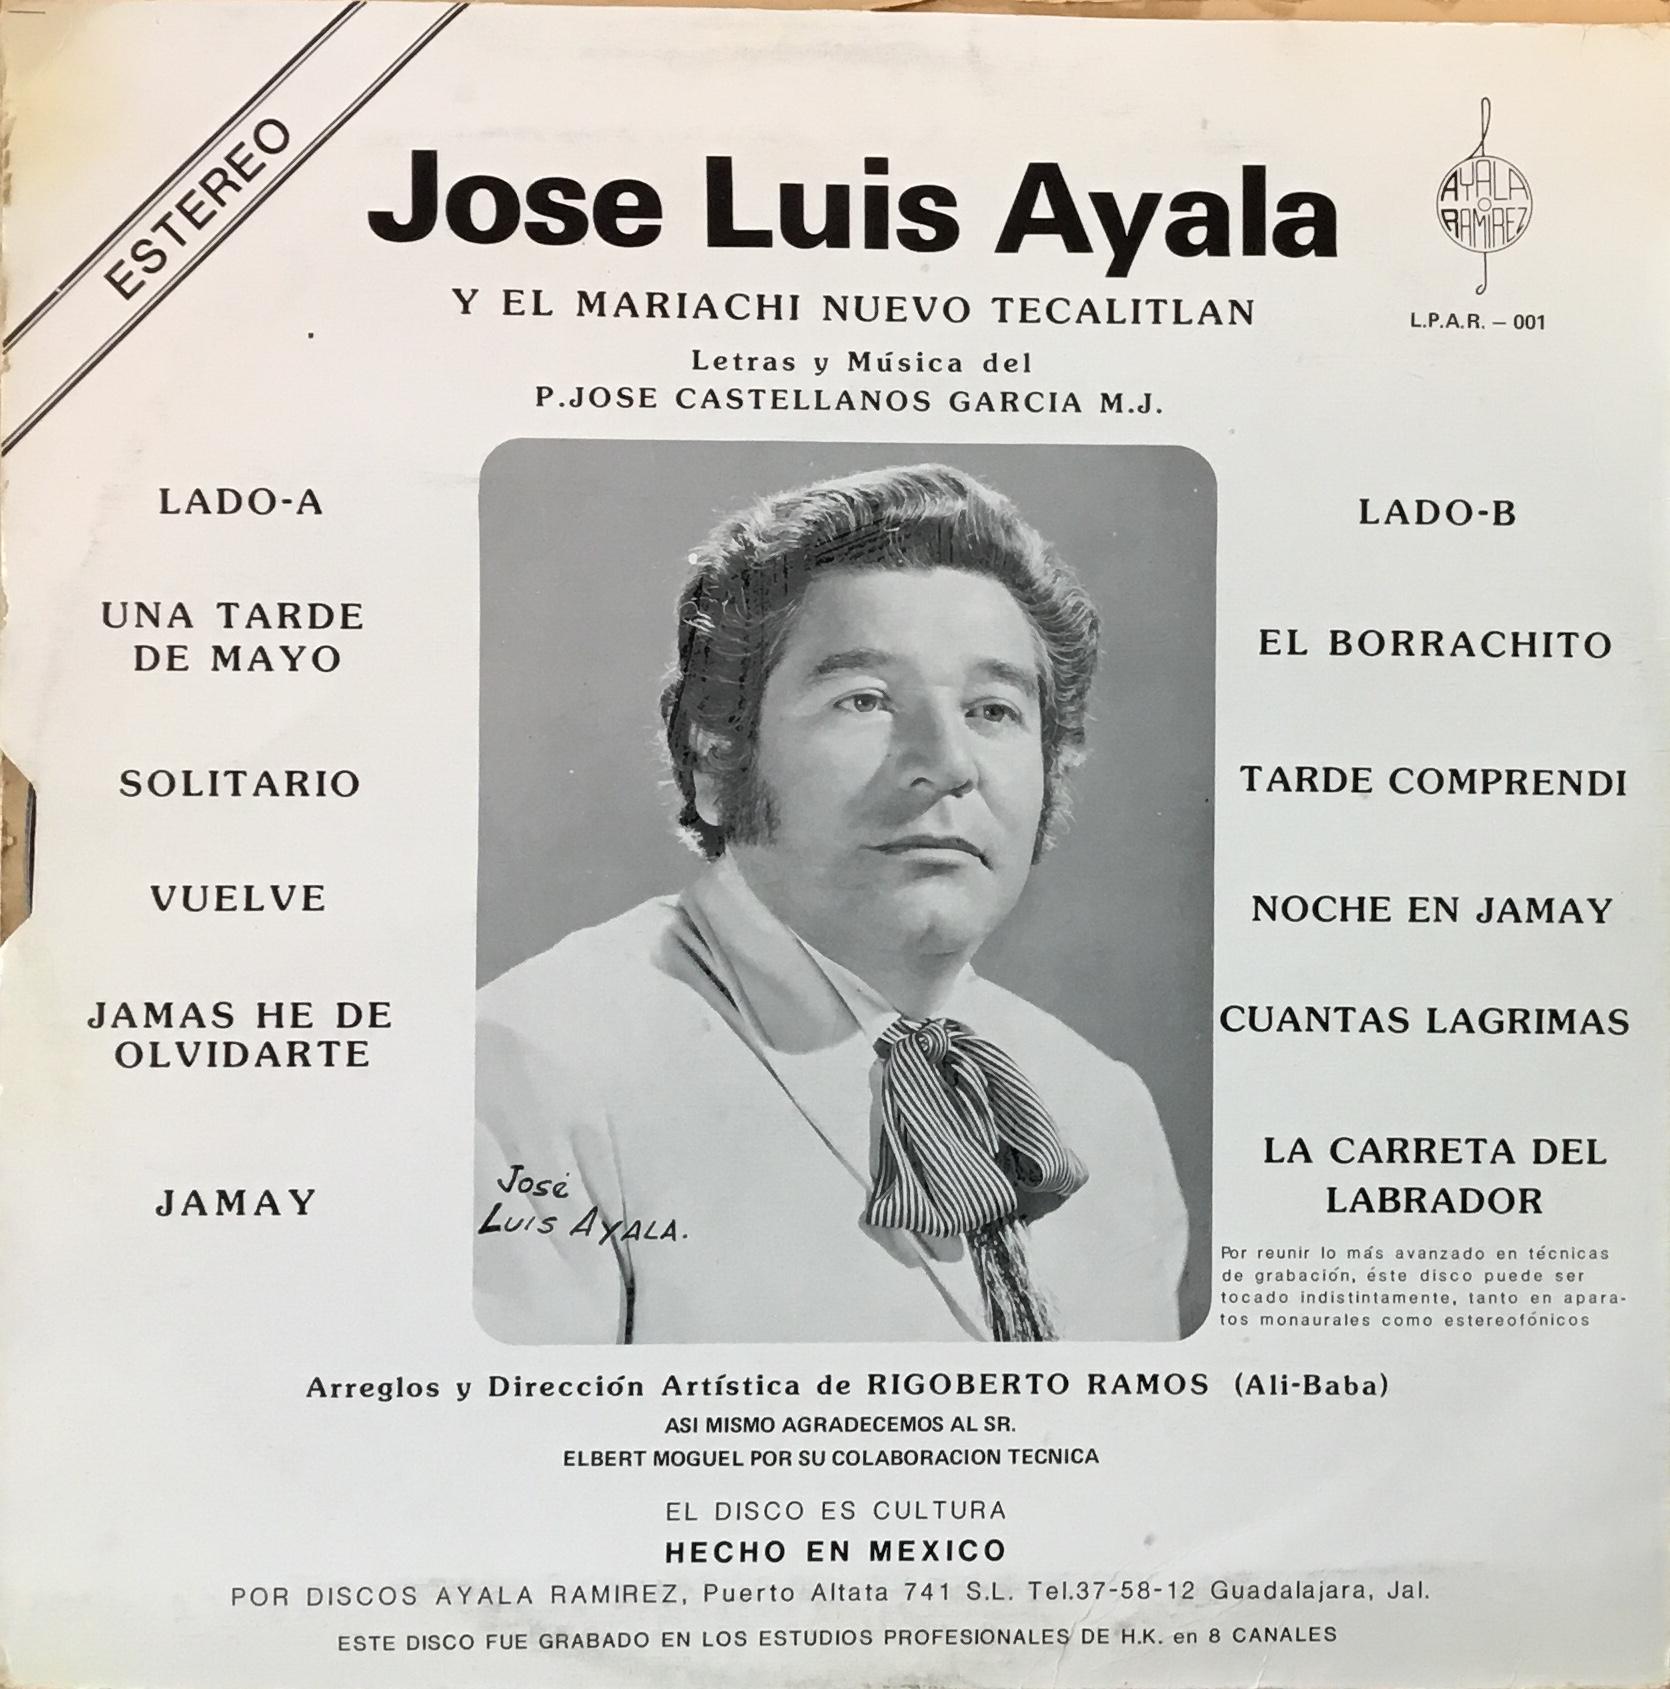 JoseLuisAyala_CorridoBack